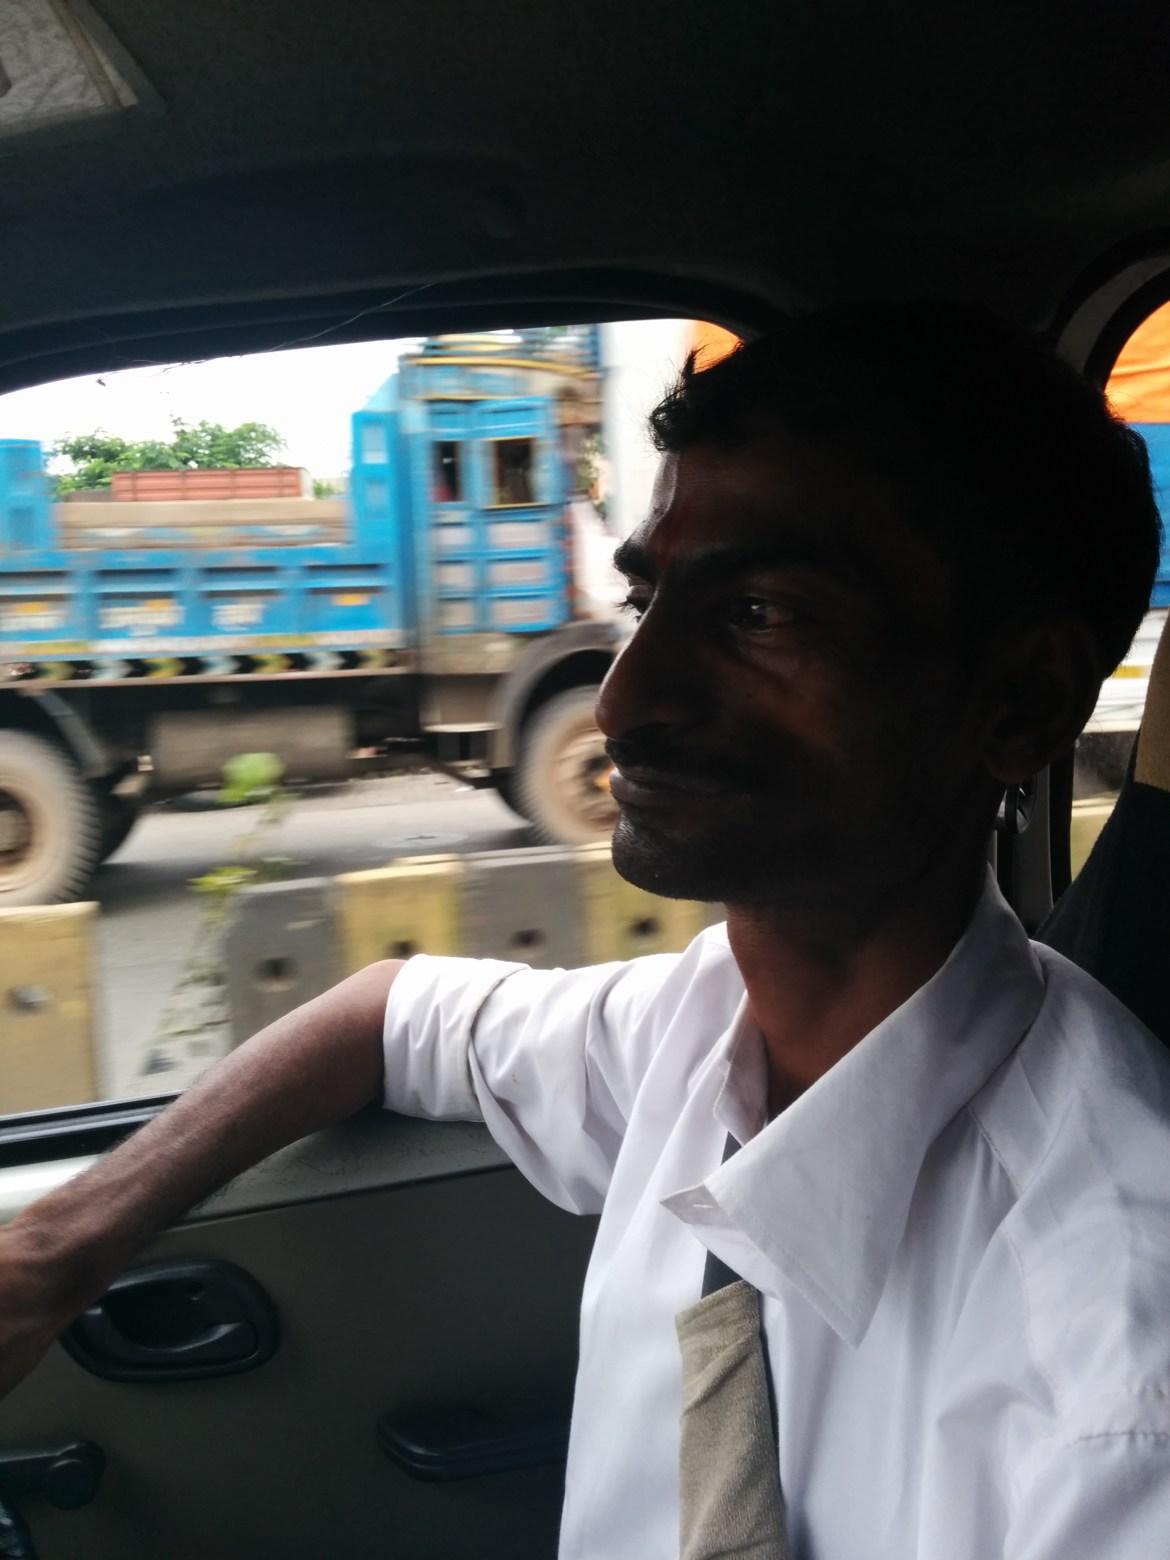 img 20140816 161524 - Bombaj, czyli jak daliśmy się oszukać